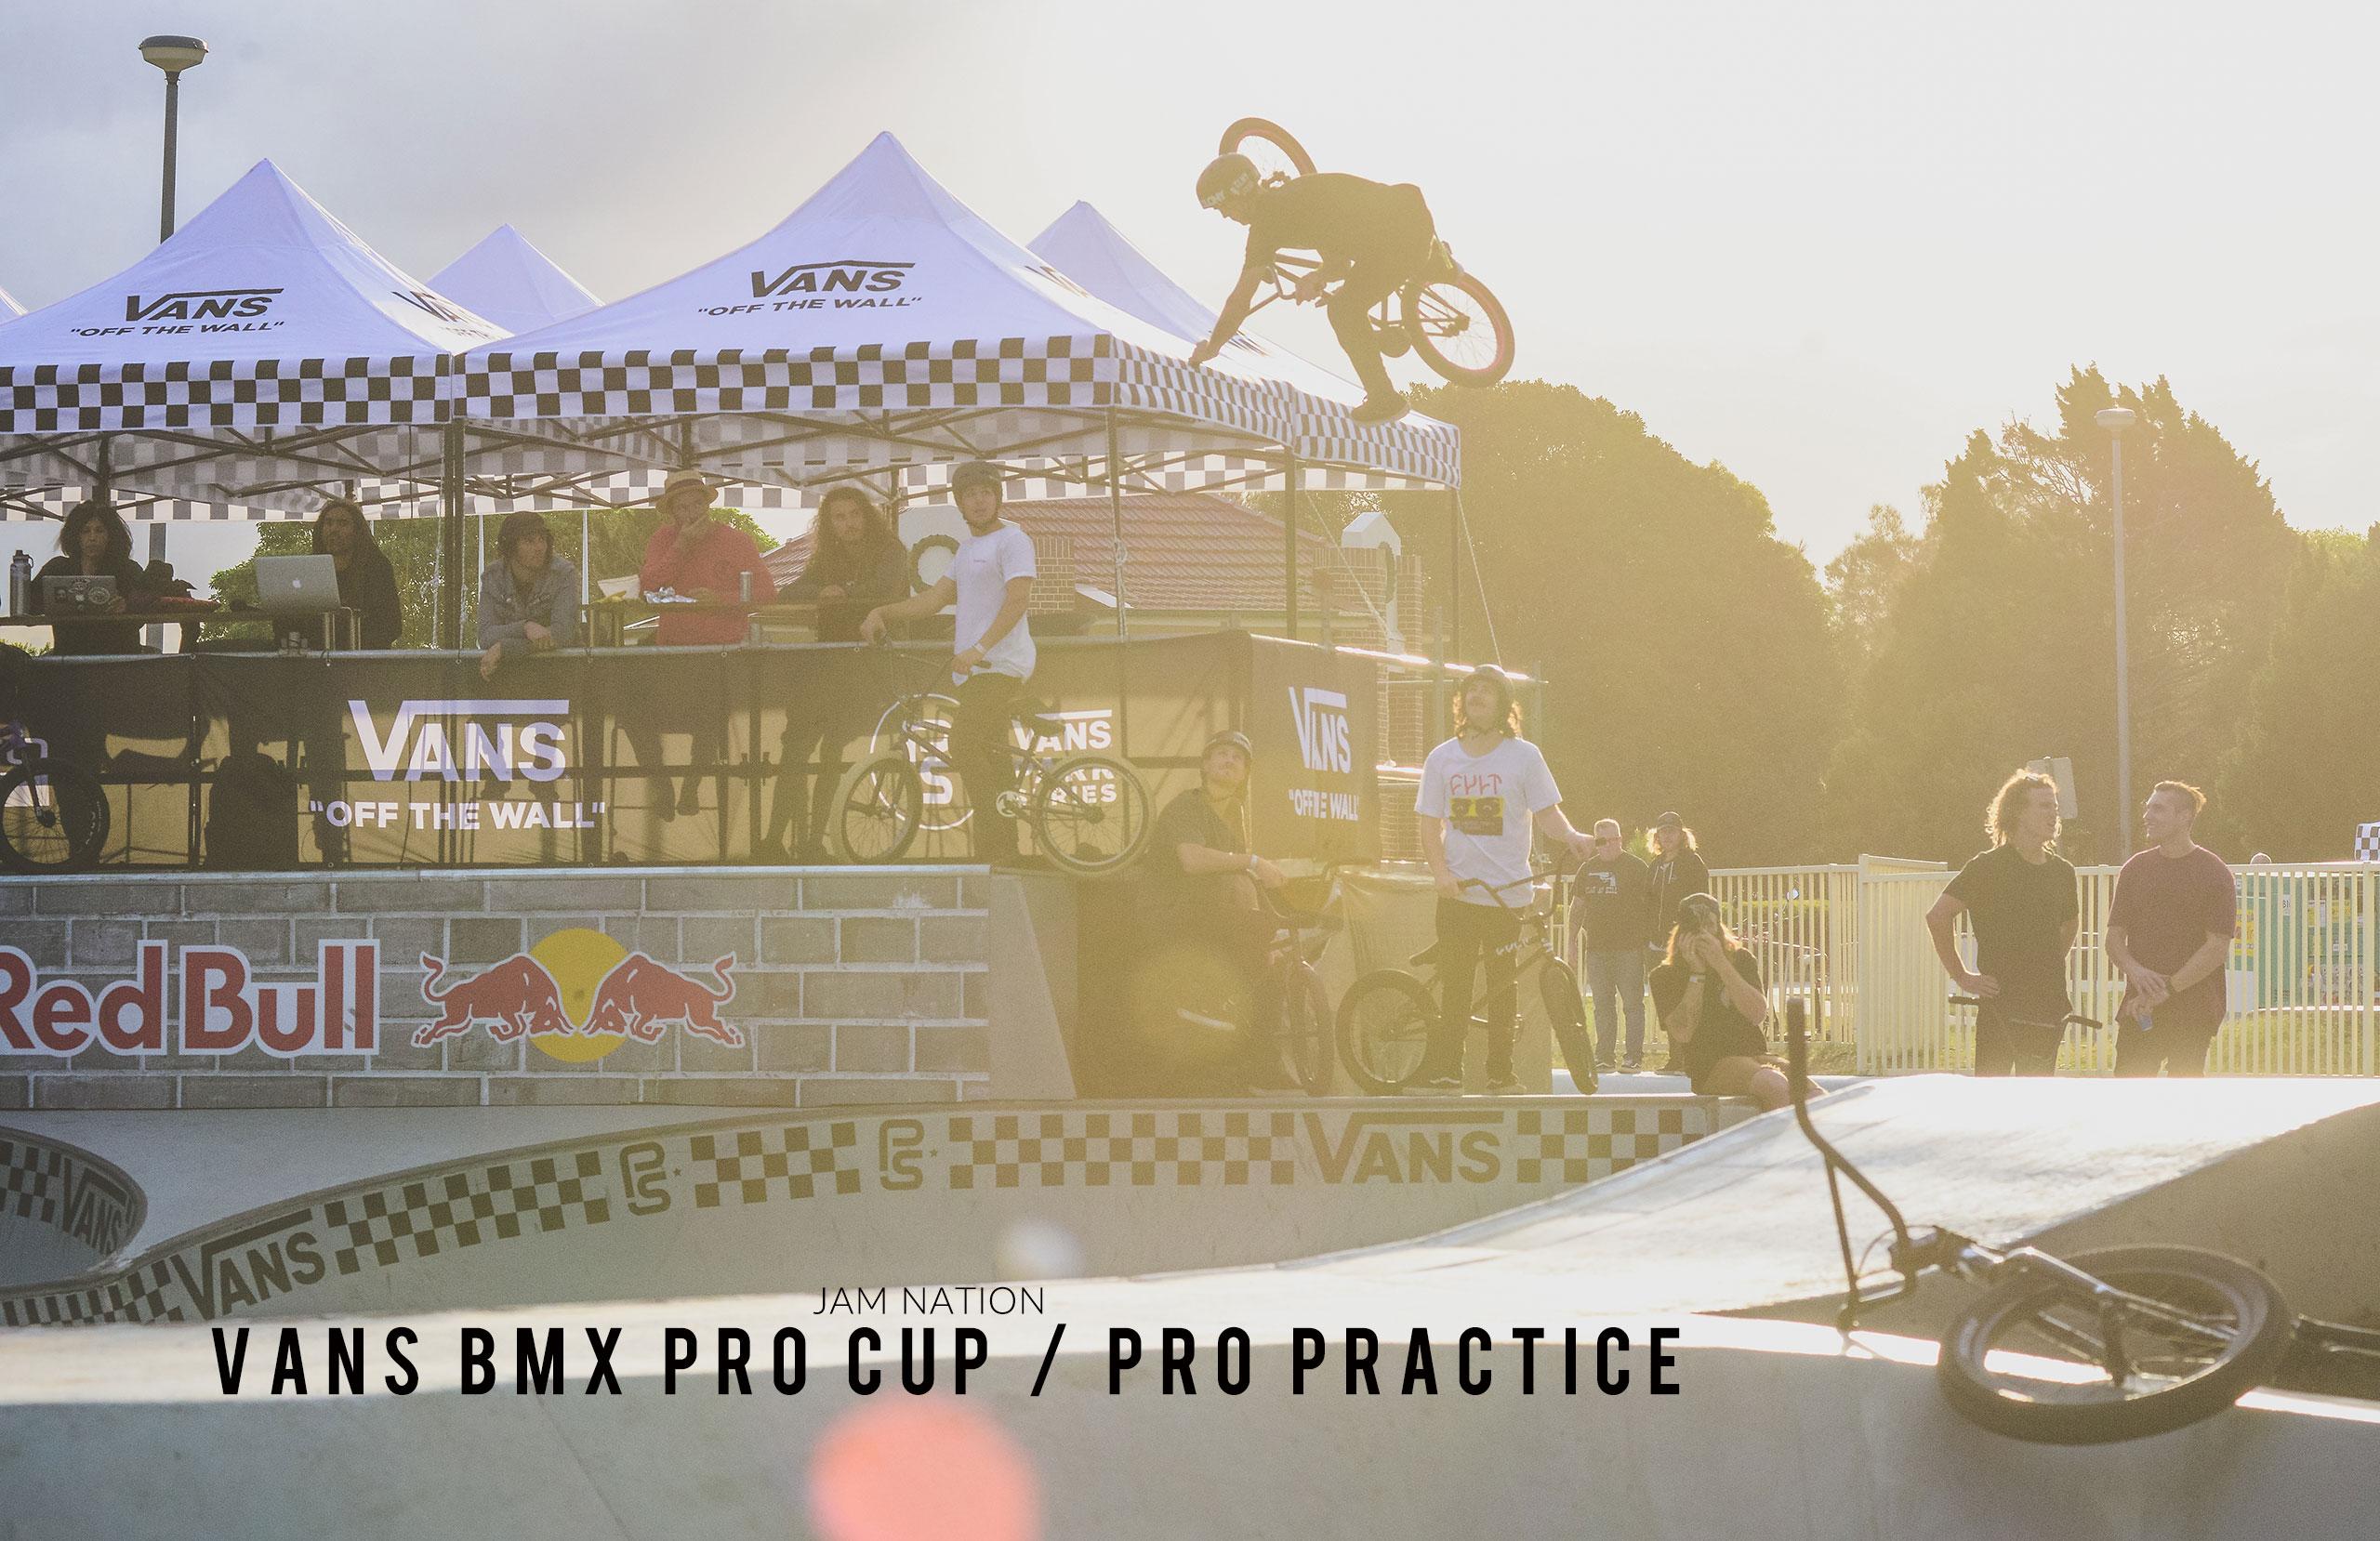 Vans BMX Pro Cup – Pro Practice